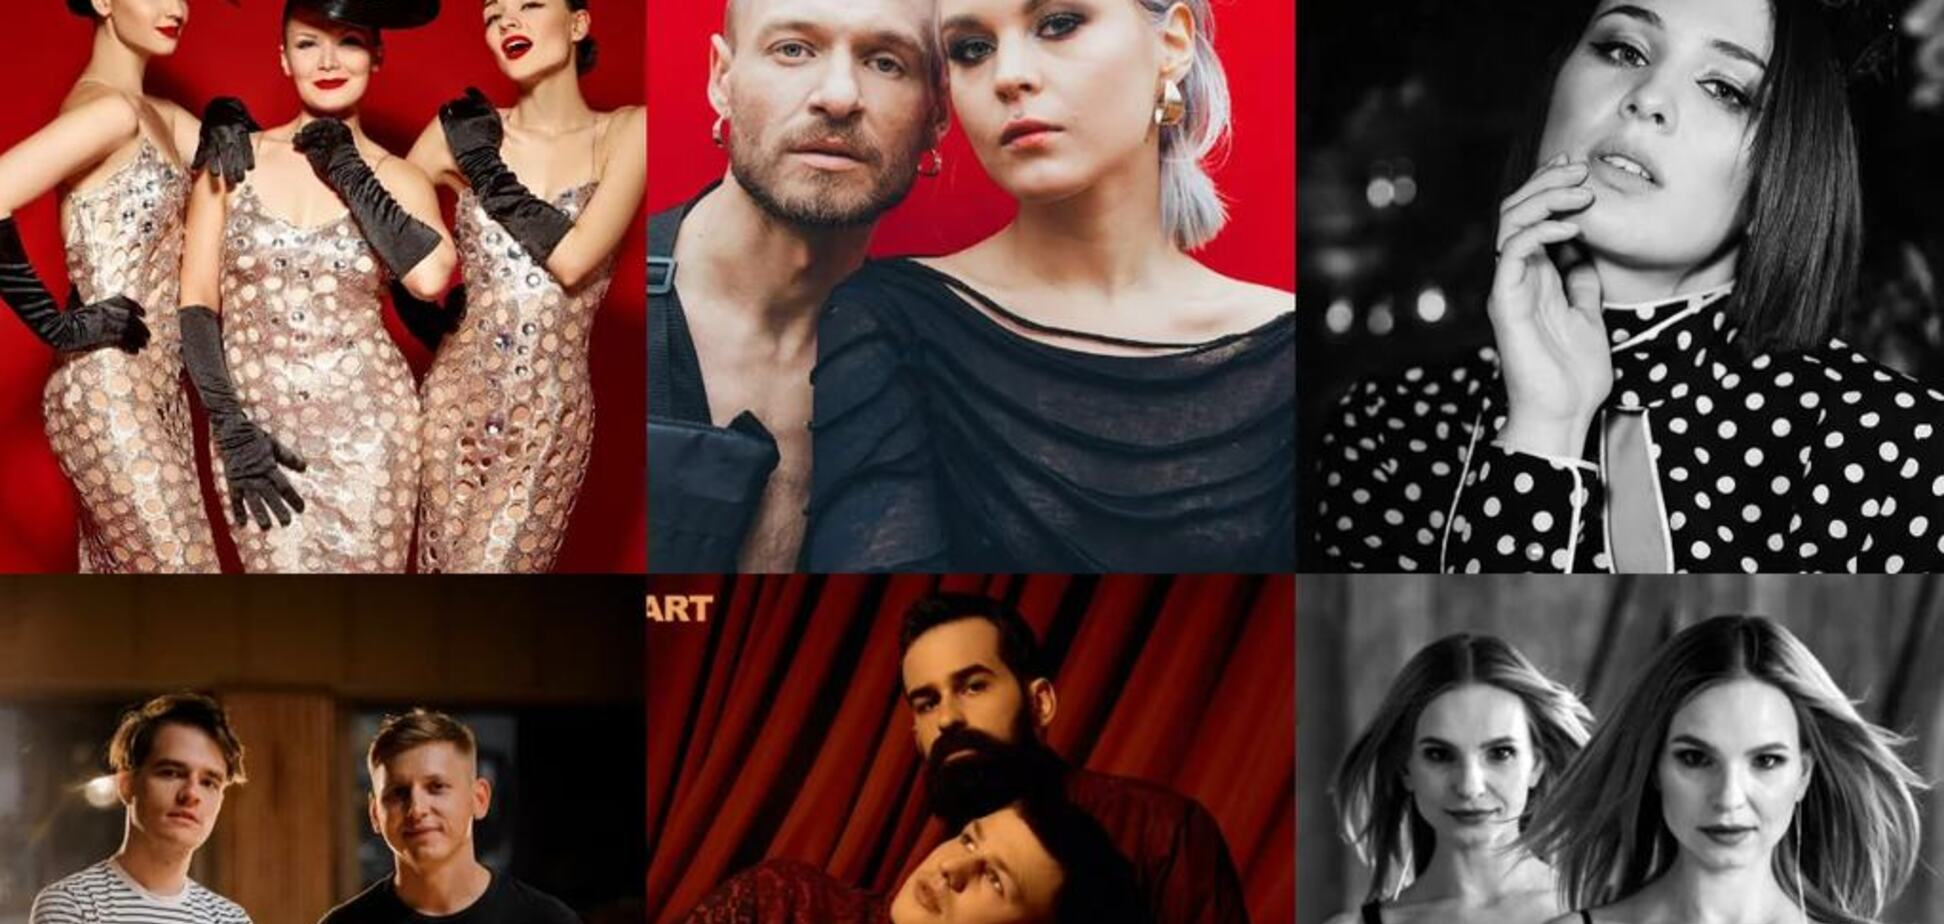 'Чей Крым?' поставил крест на карьере дуэта Анна-Мария